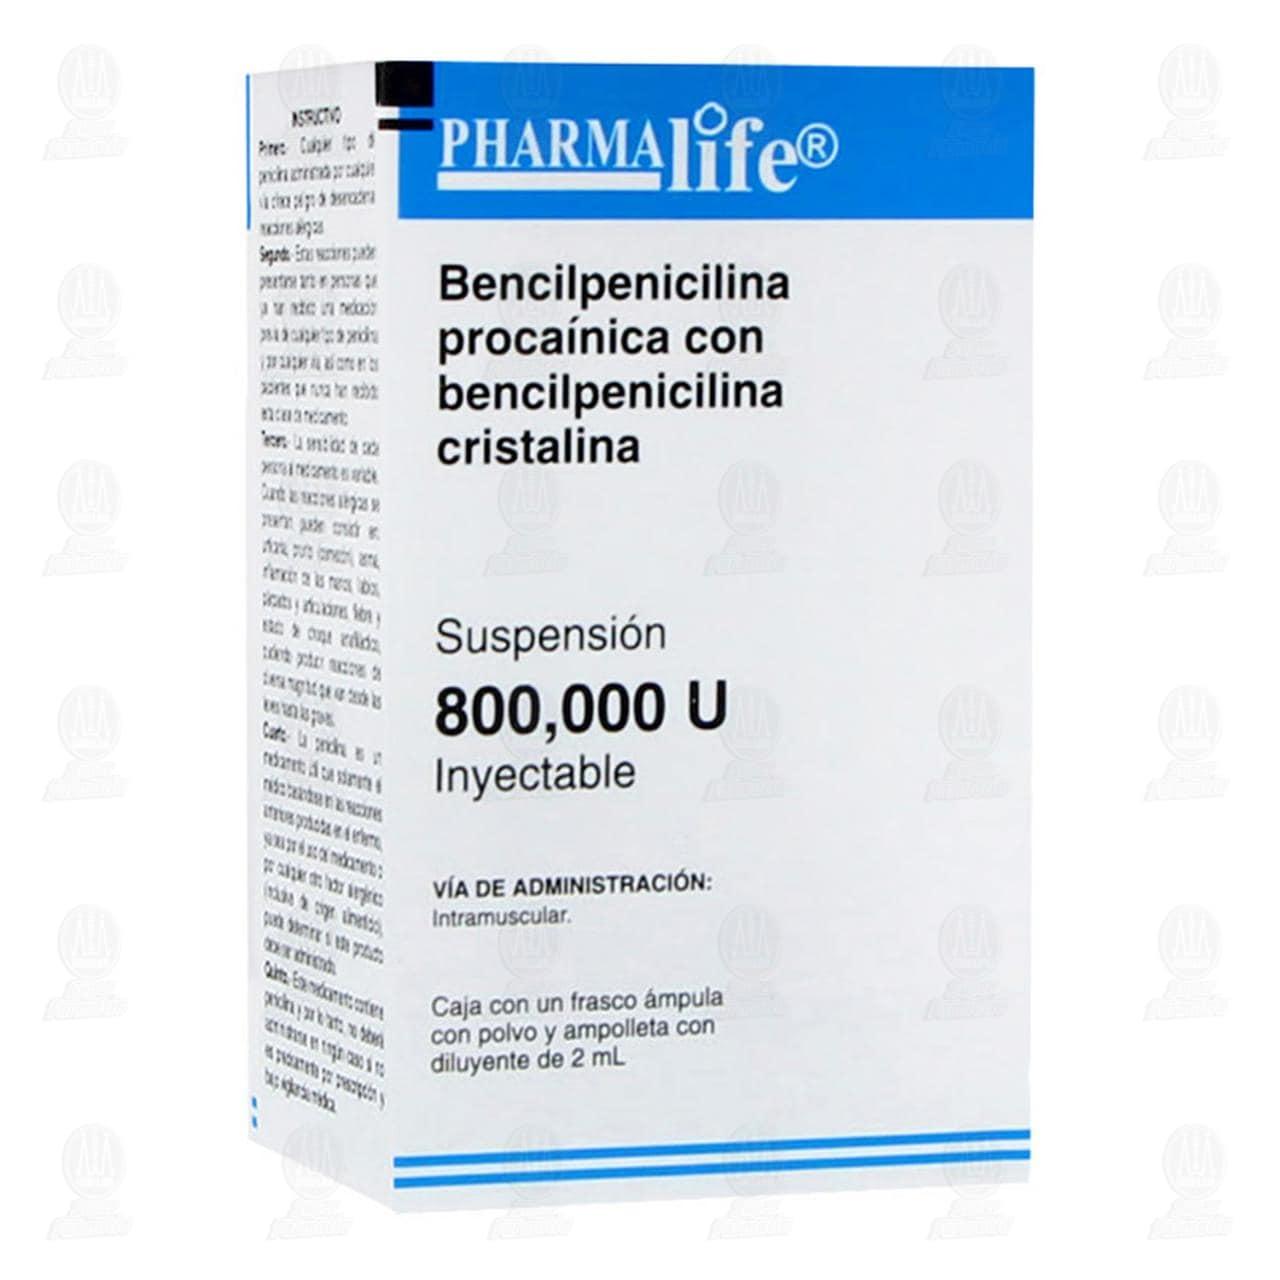 Comprar Bencilpenicilina Procaínica con Bencilpenicilina Cristalina 800,000UI Inyectable Pharmalife en Farmacias Guadalajara